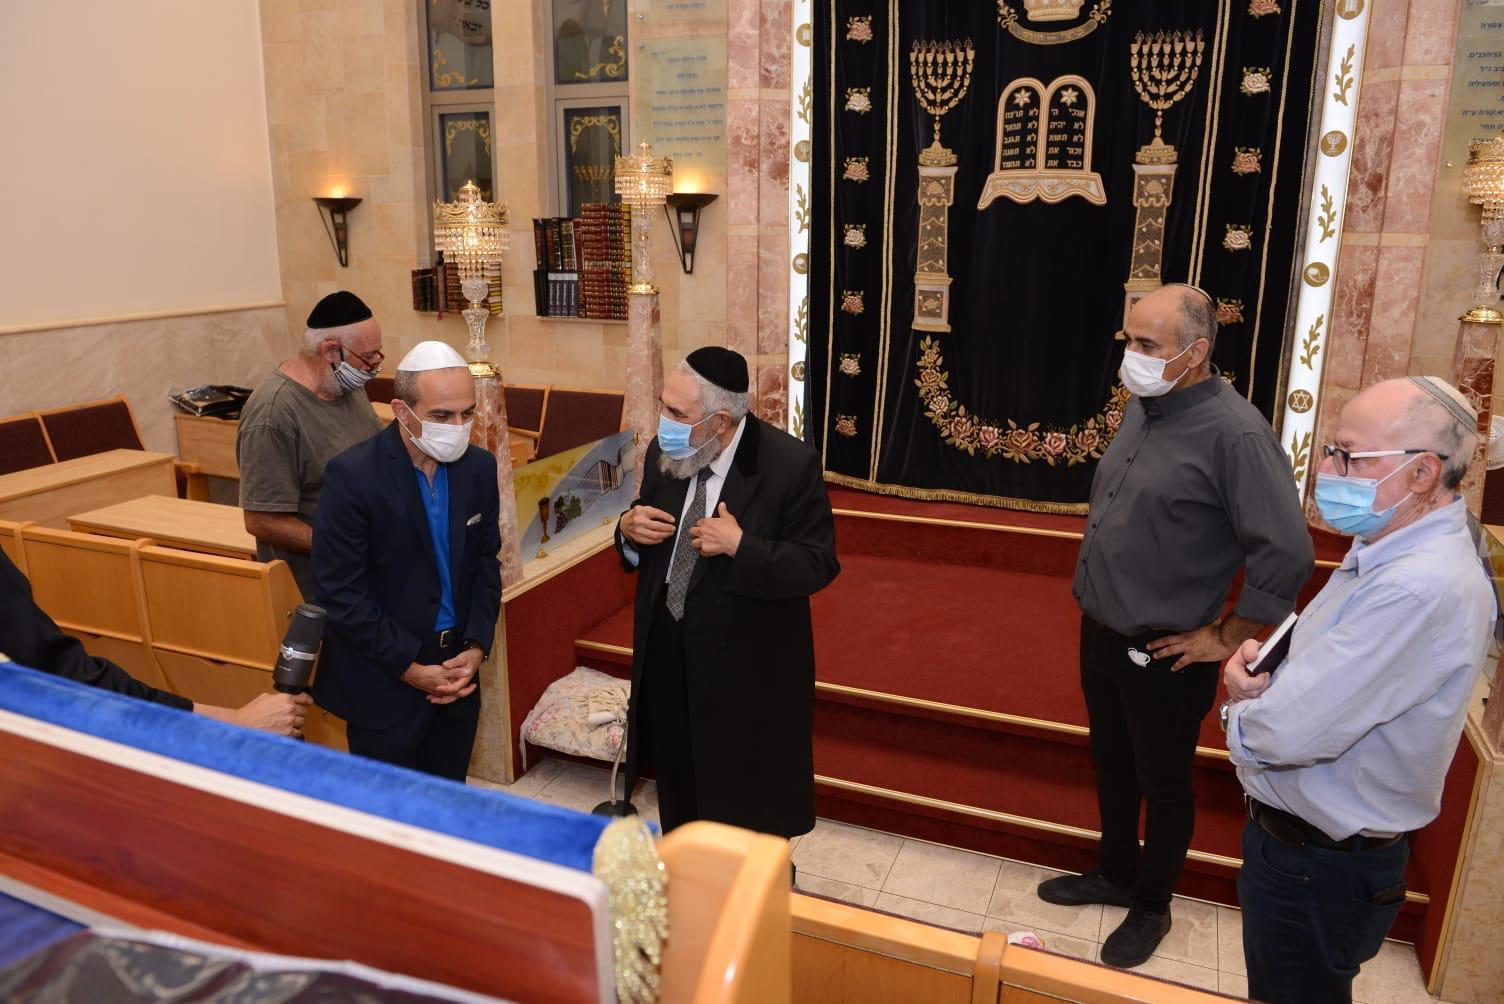 ליל תשעה באב בצל הנגיף | פרויקטור הקורונה מסייר בבתי הכנסת: